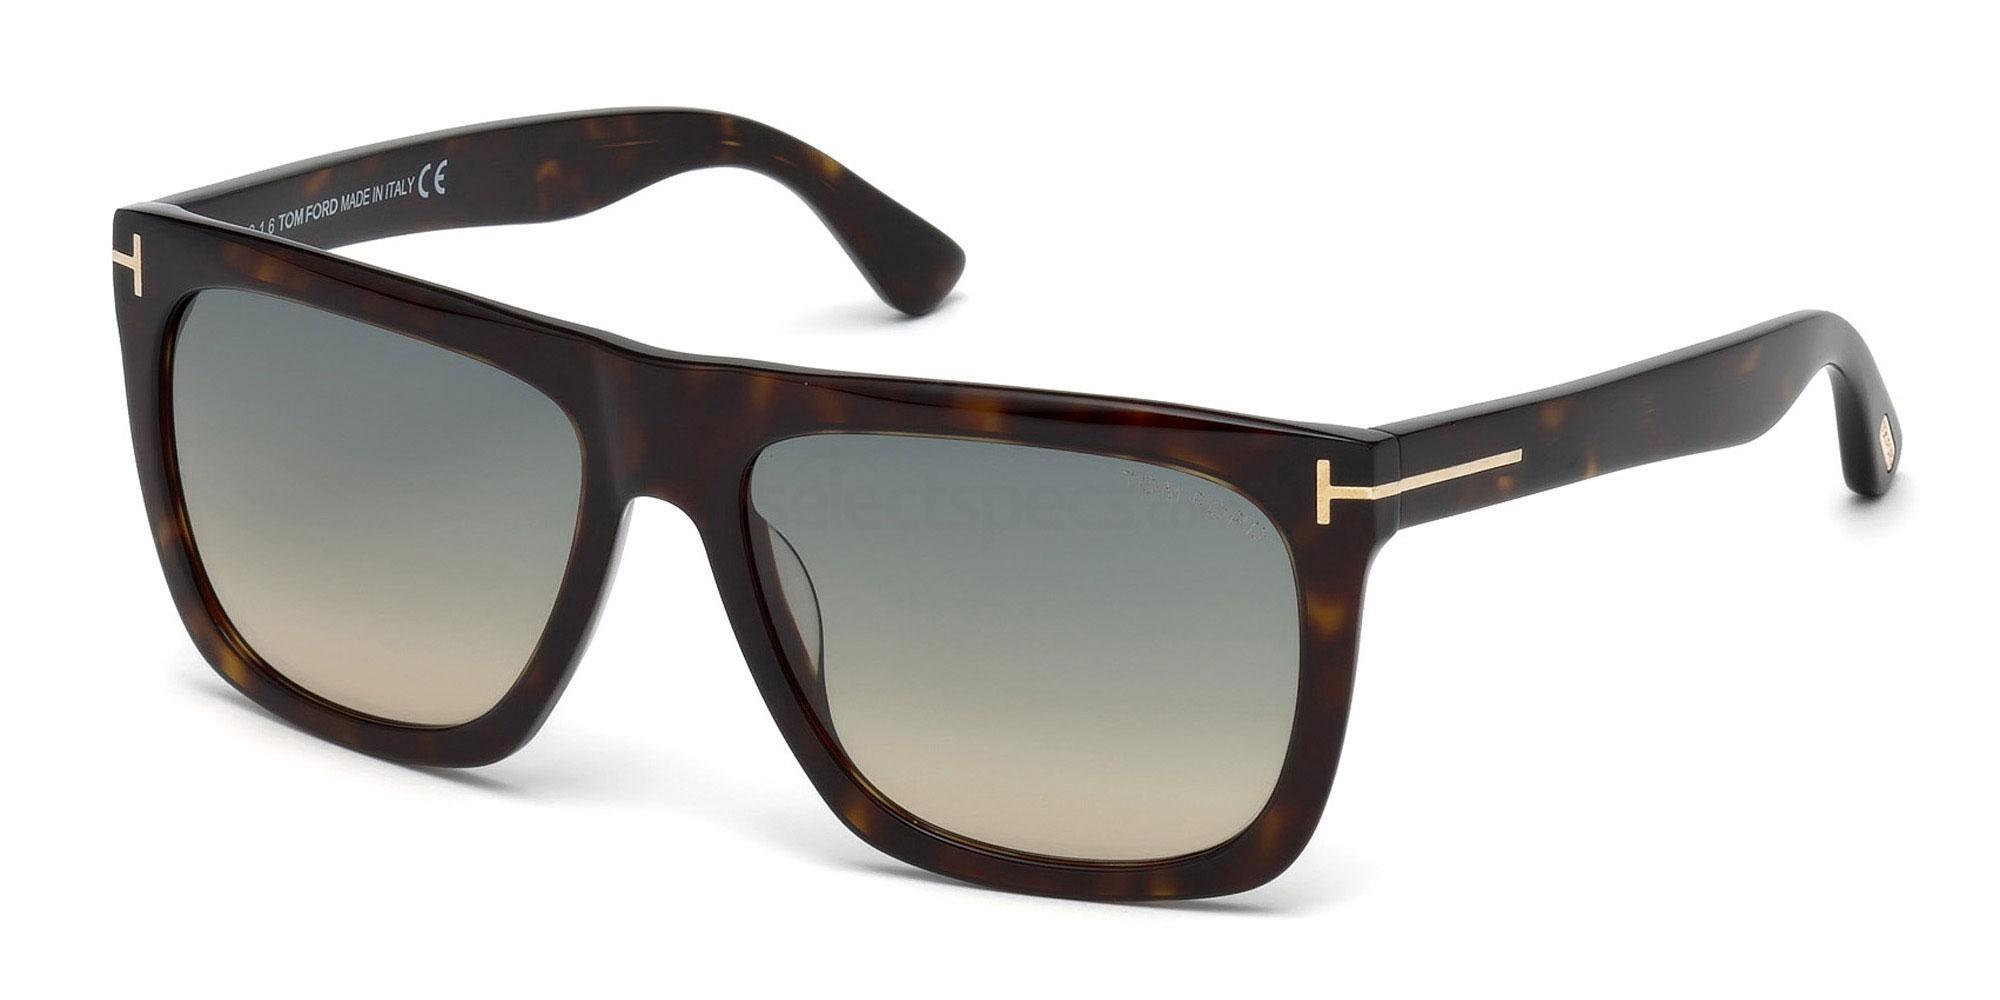 52W FT0513 Sunglasses, Tom Ford